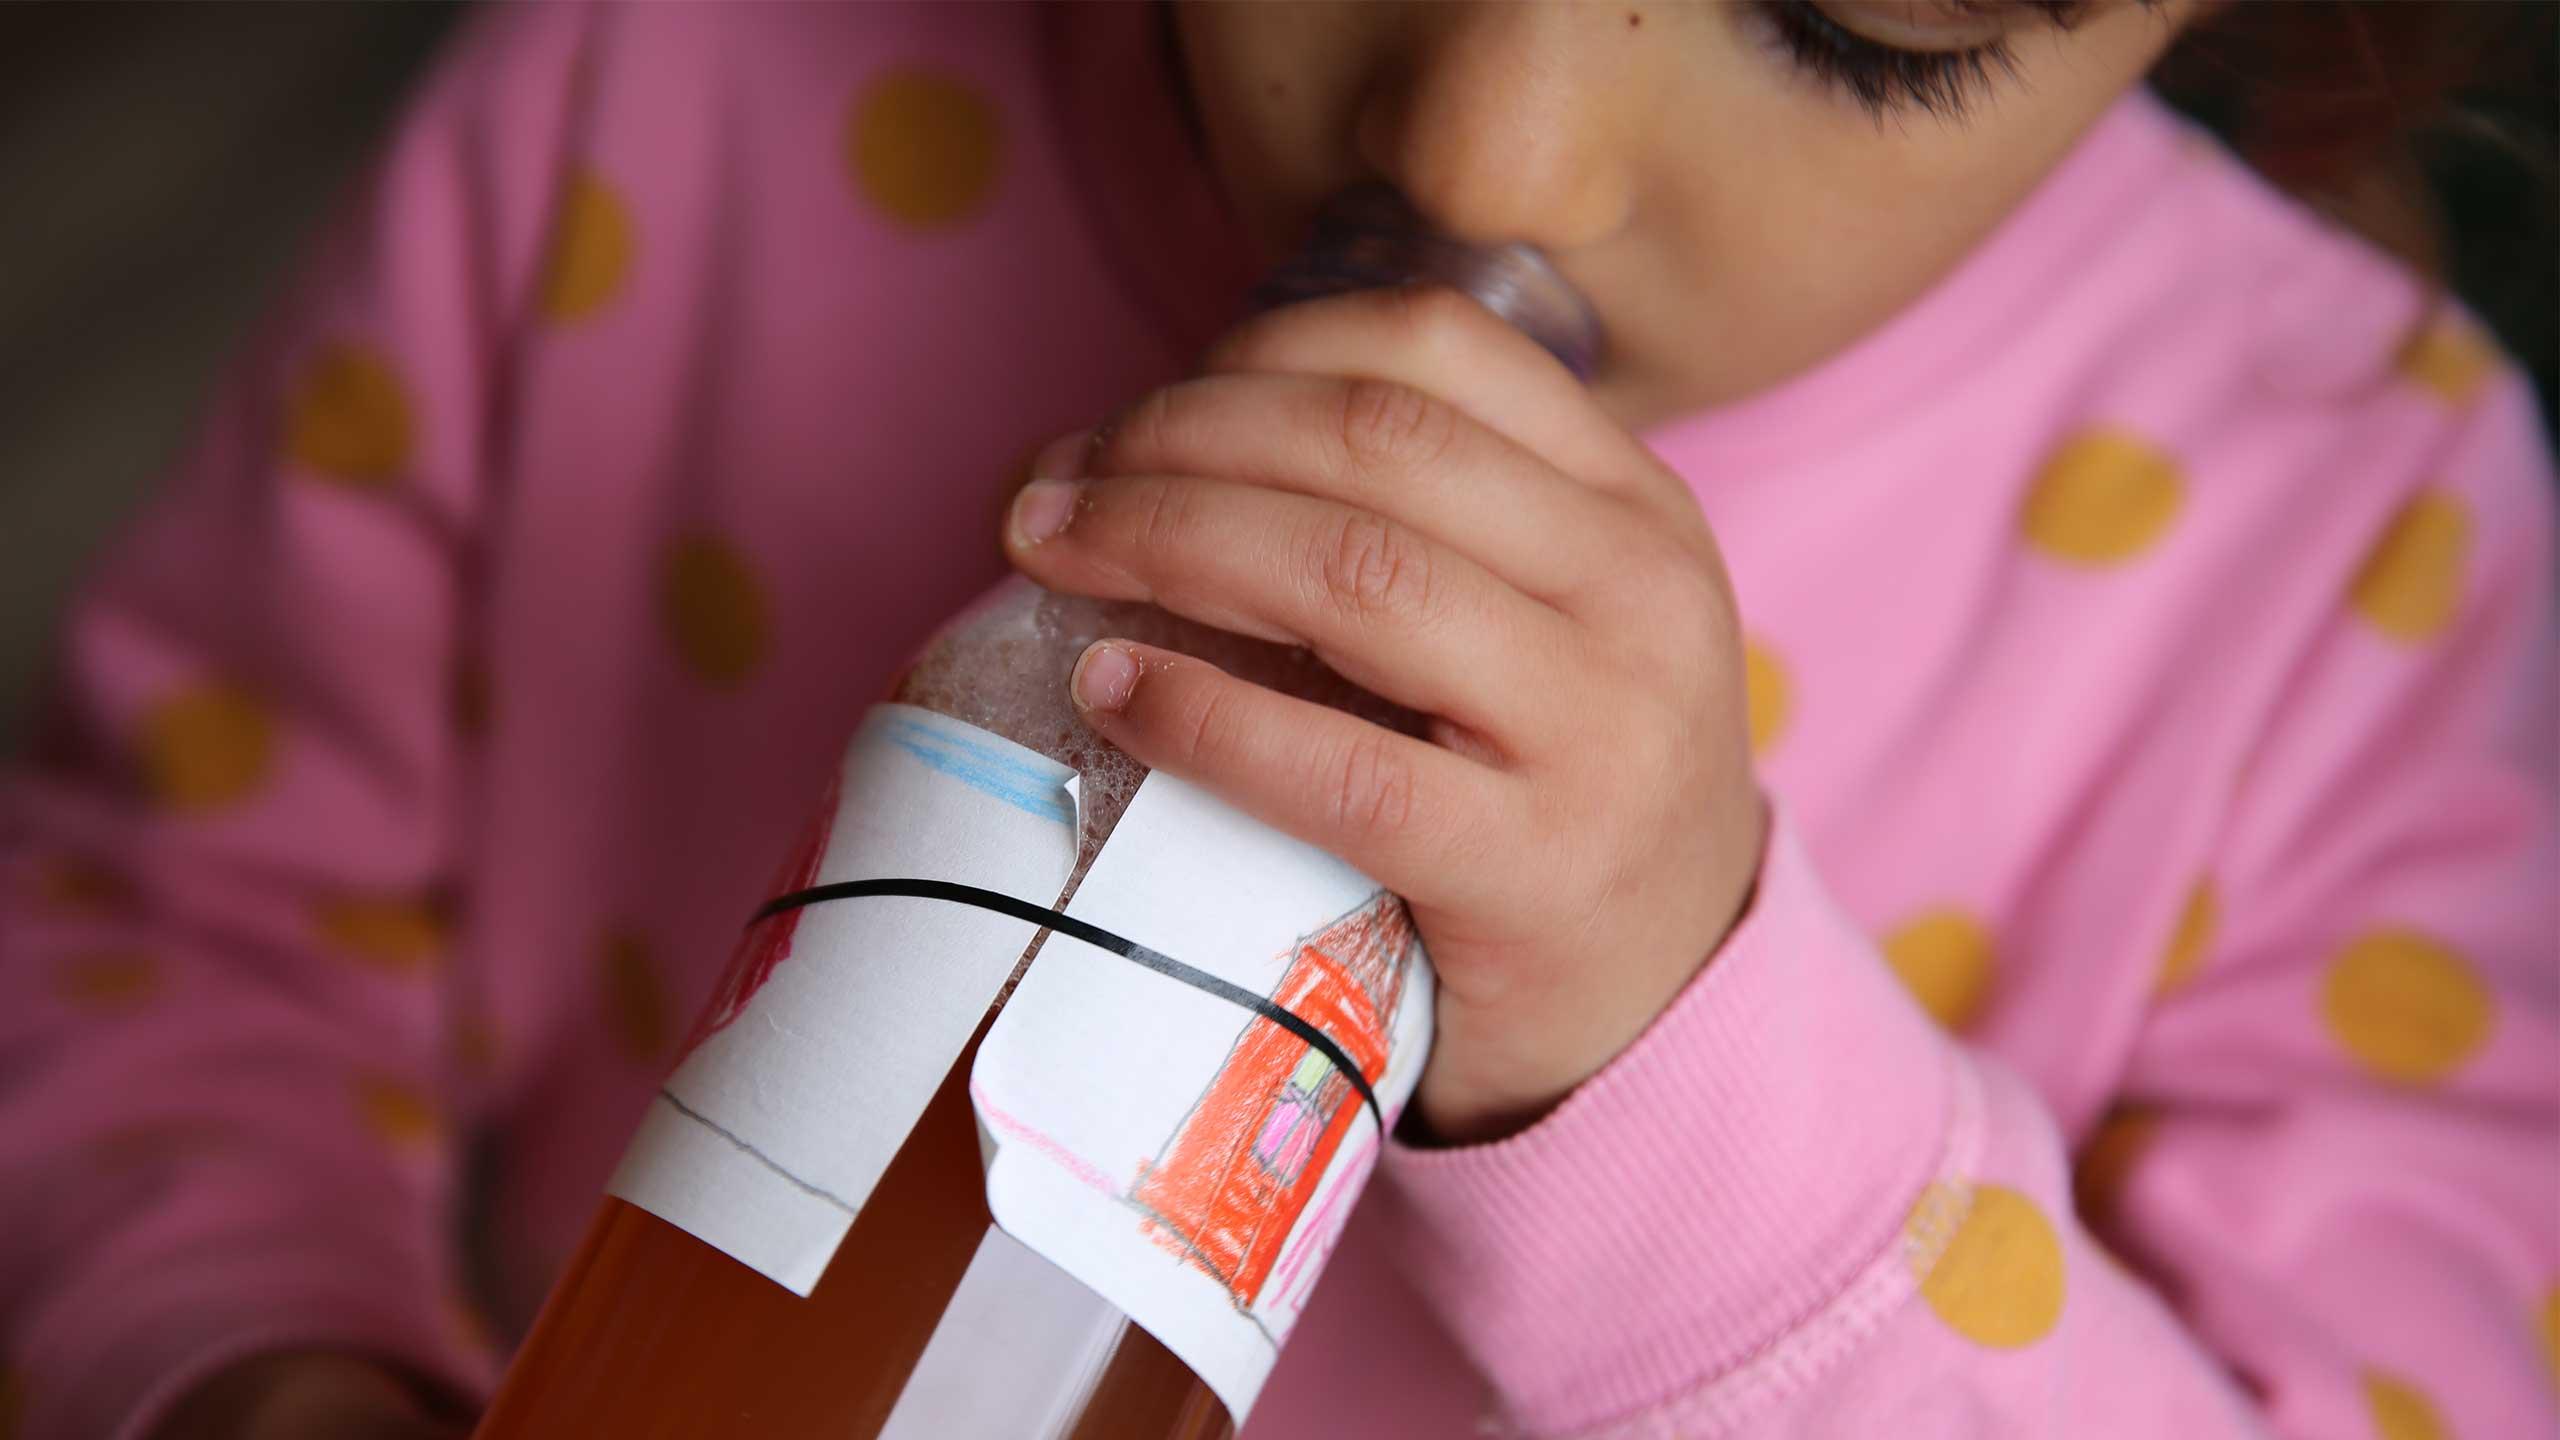 Ein Kind probiert bei MILK. Mahlzeit den ersten Schluck Apfelsaft